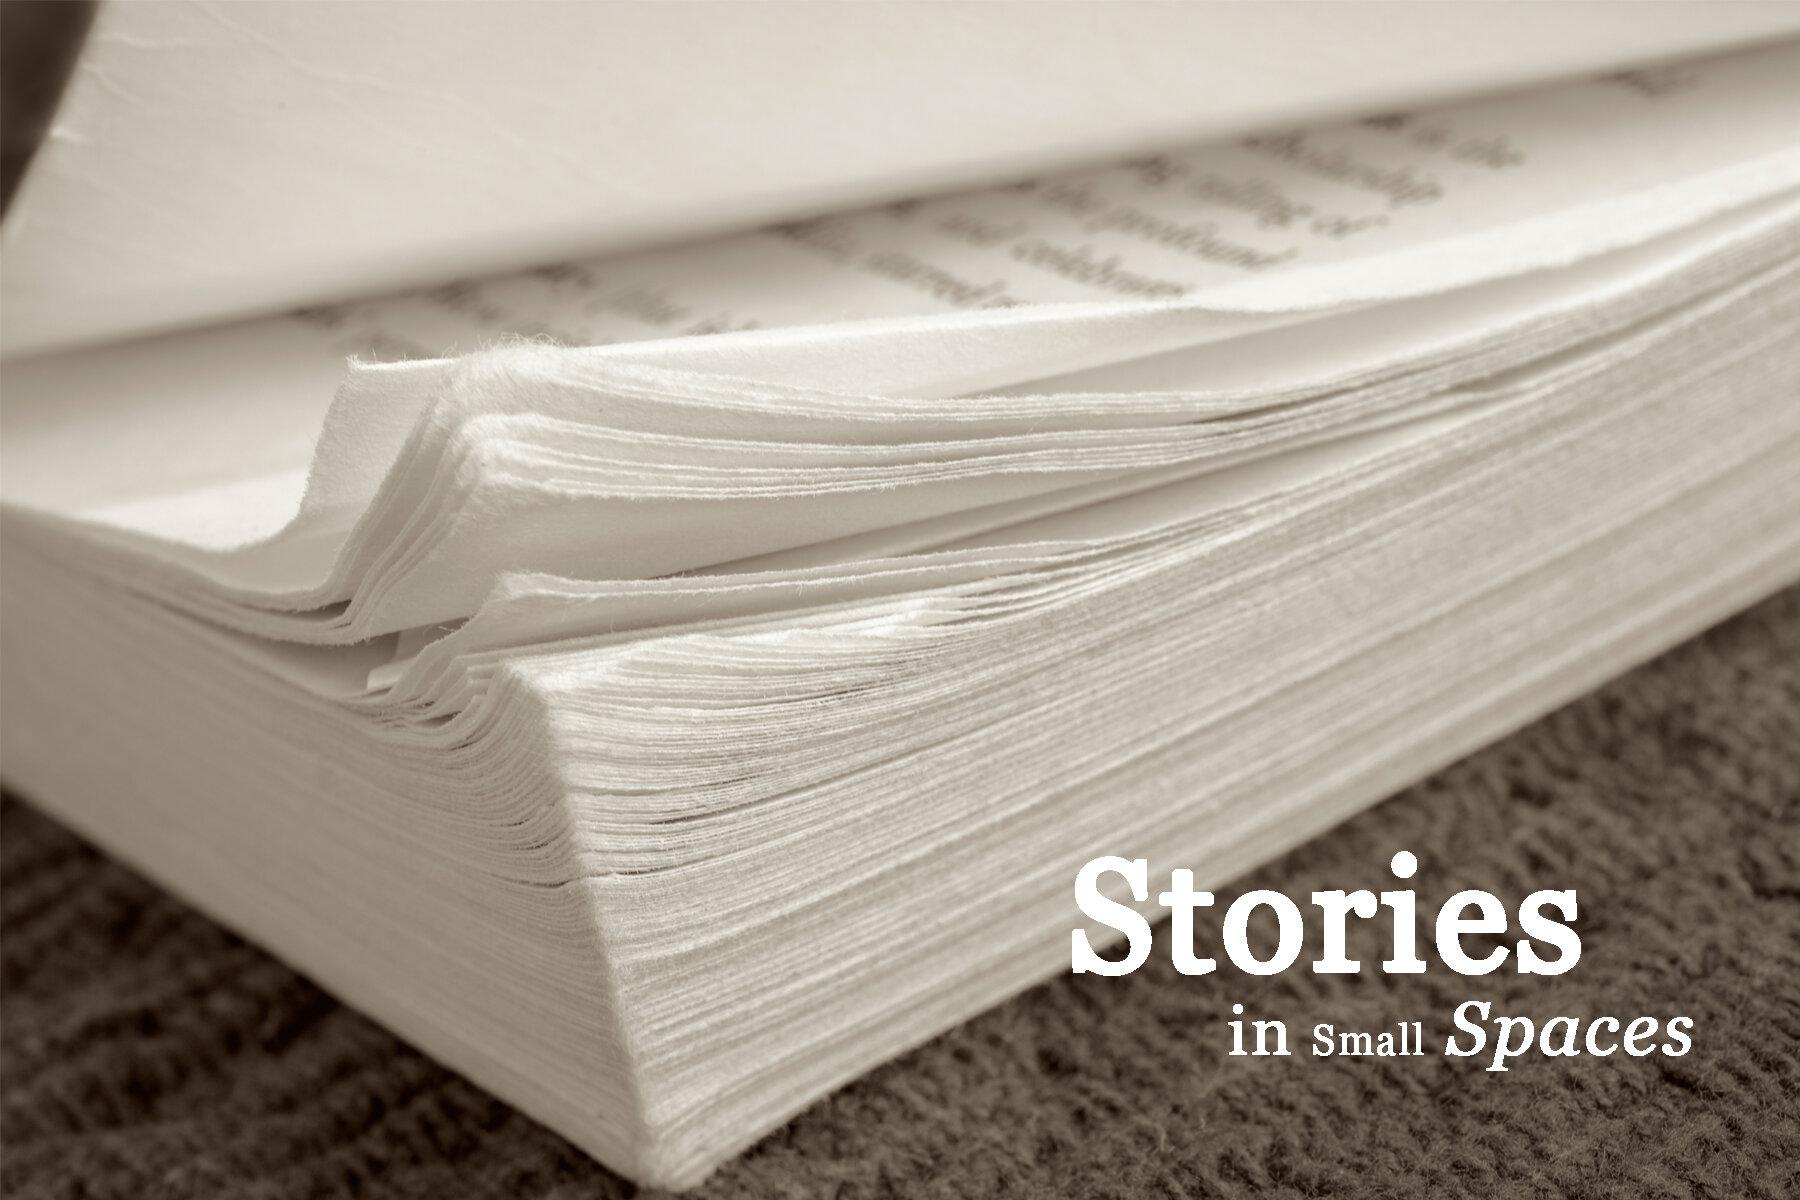 Stories-ellencherry (1).jpg